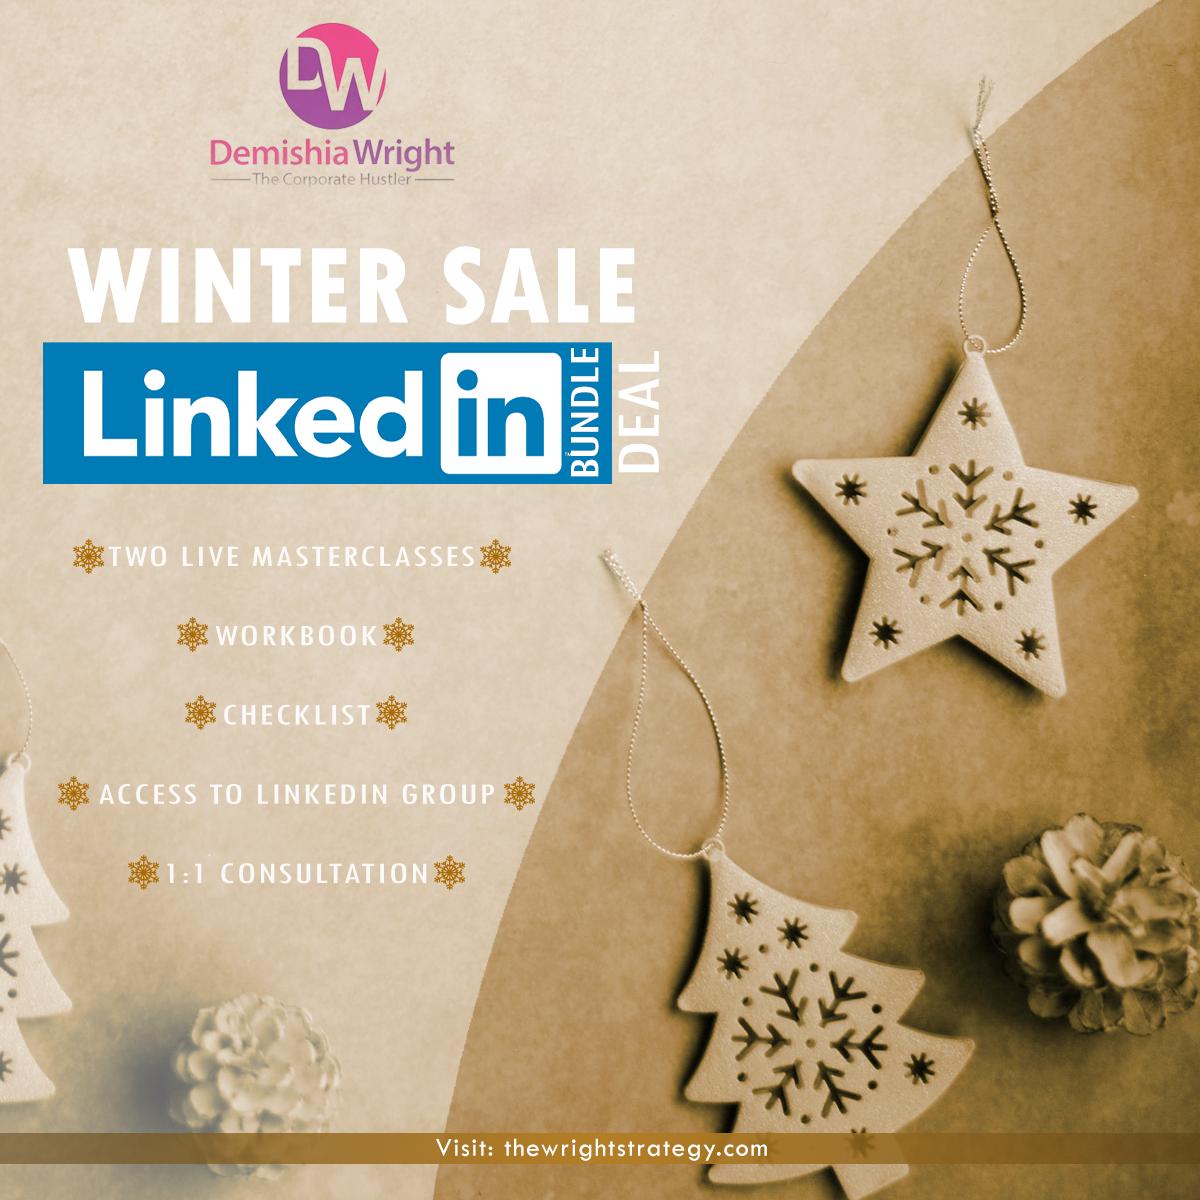 Winter Sale LinkedIn Bundle.png